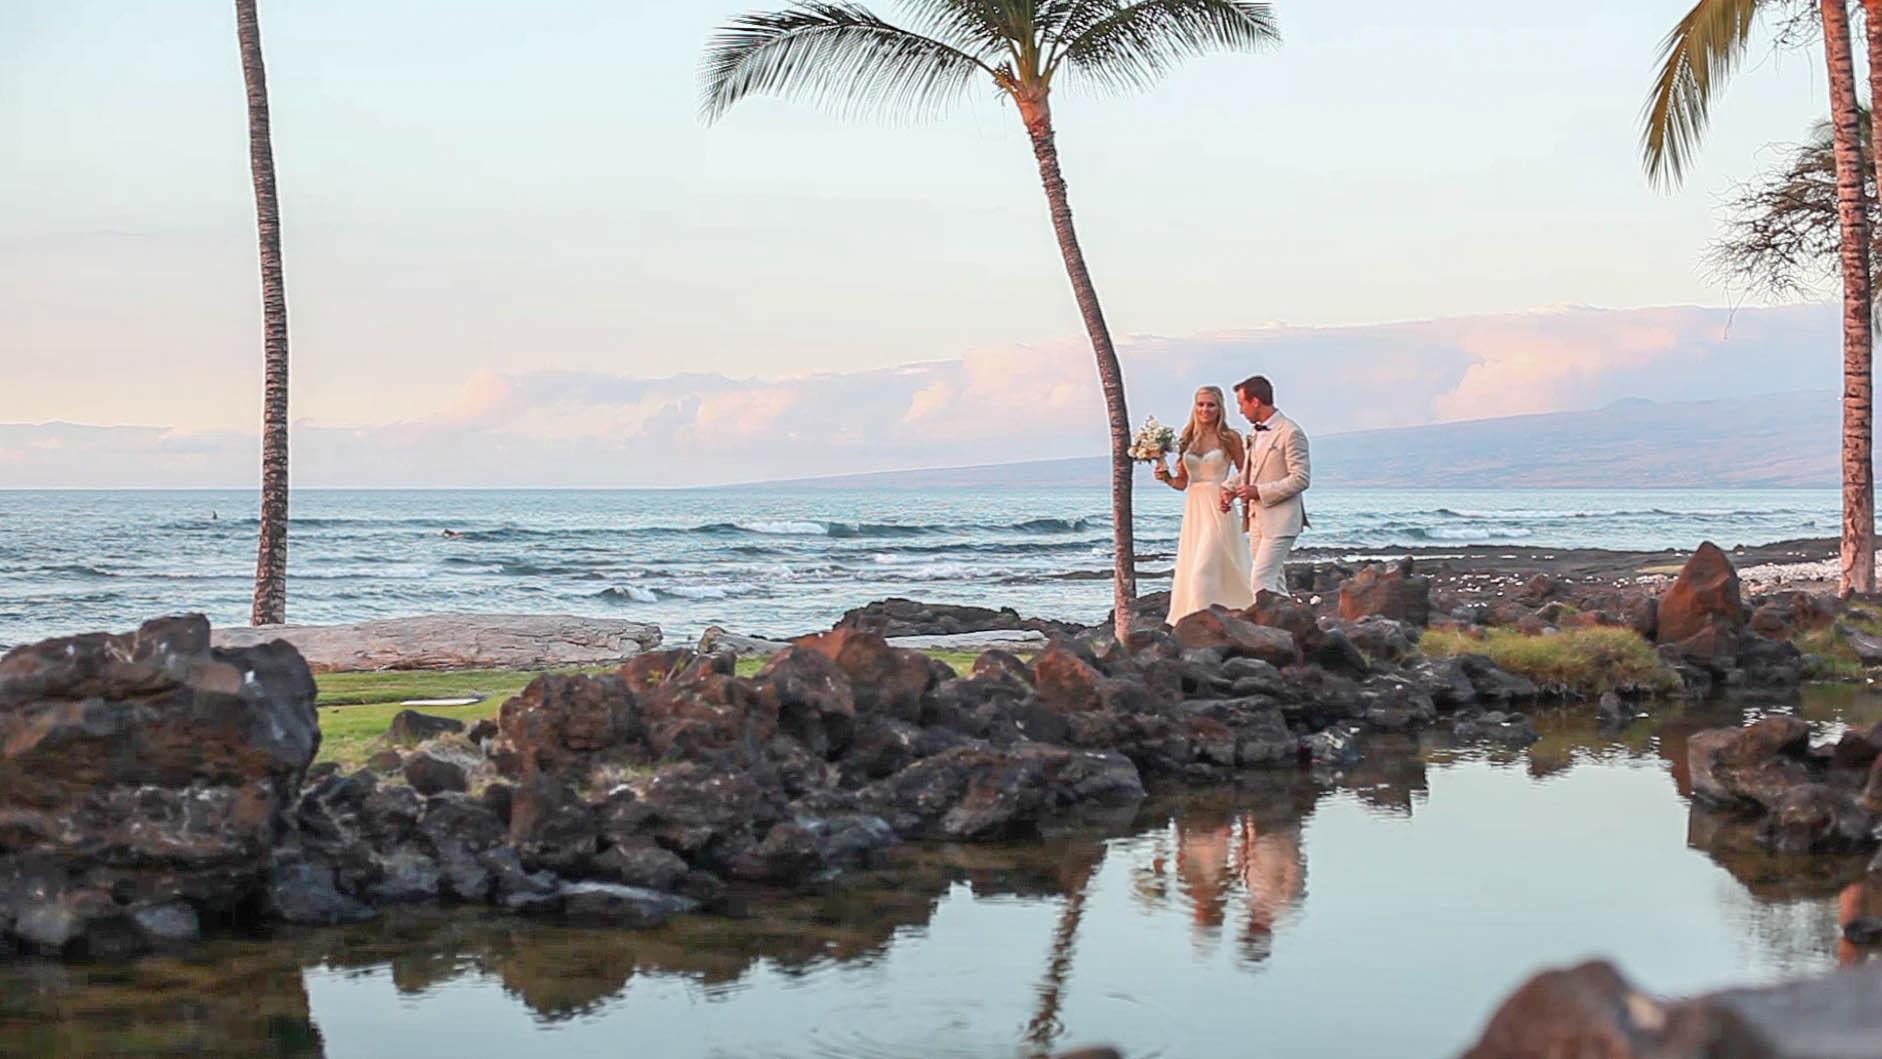 big island hawaii mauna lani resort wedding © kelilina photography 20160225150611-1.jpg